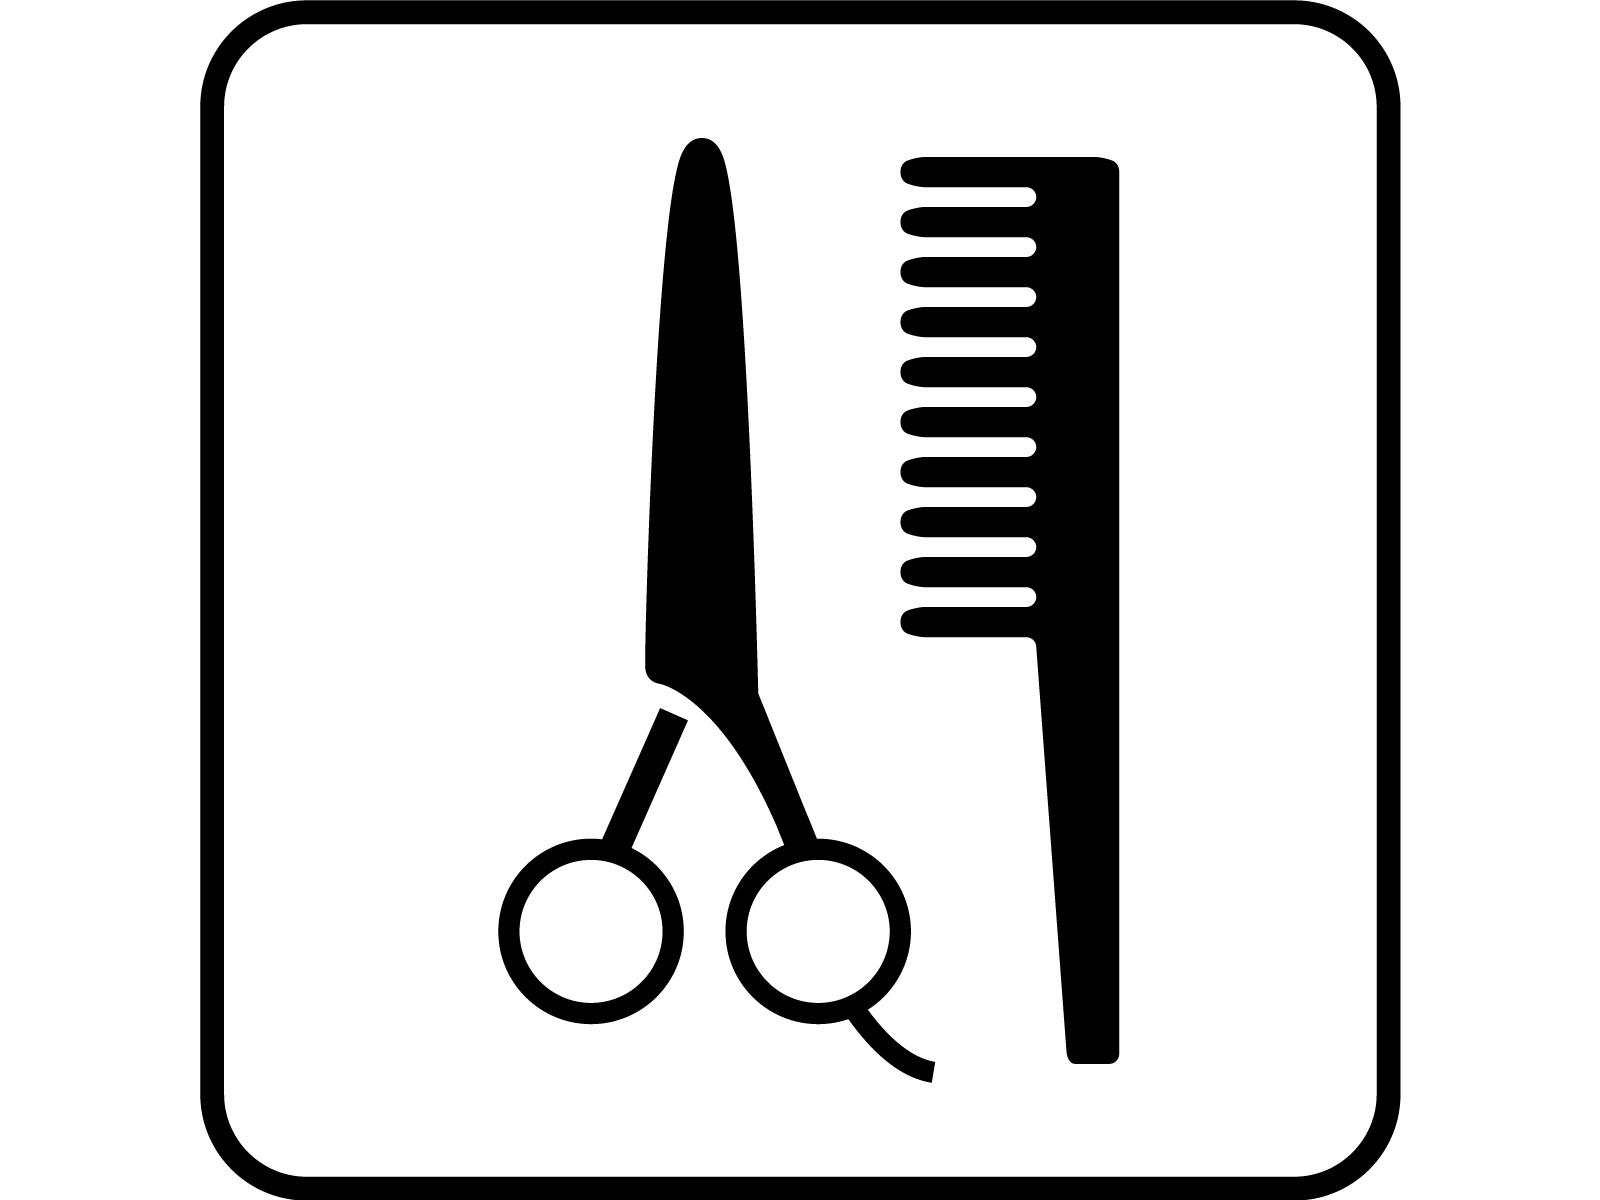 自閉症の息子の触覚過敏について。理髪店では大騒ぎで逃げる